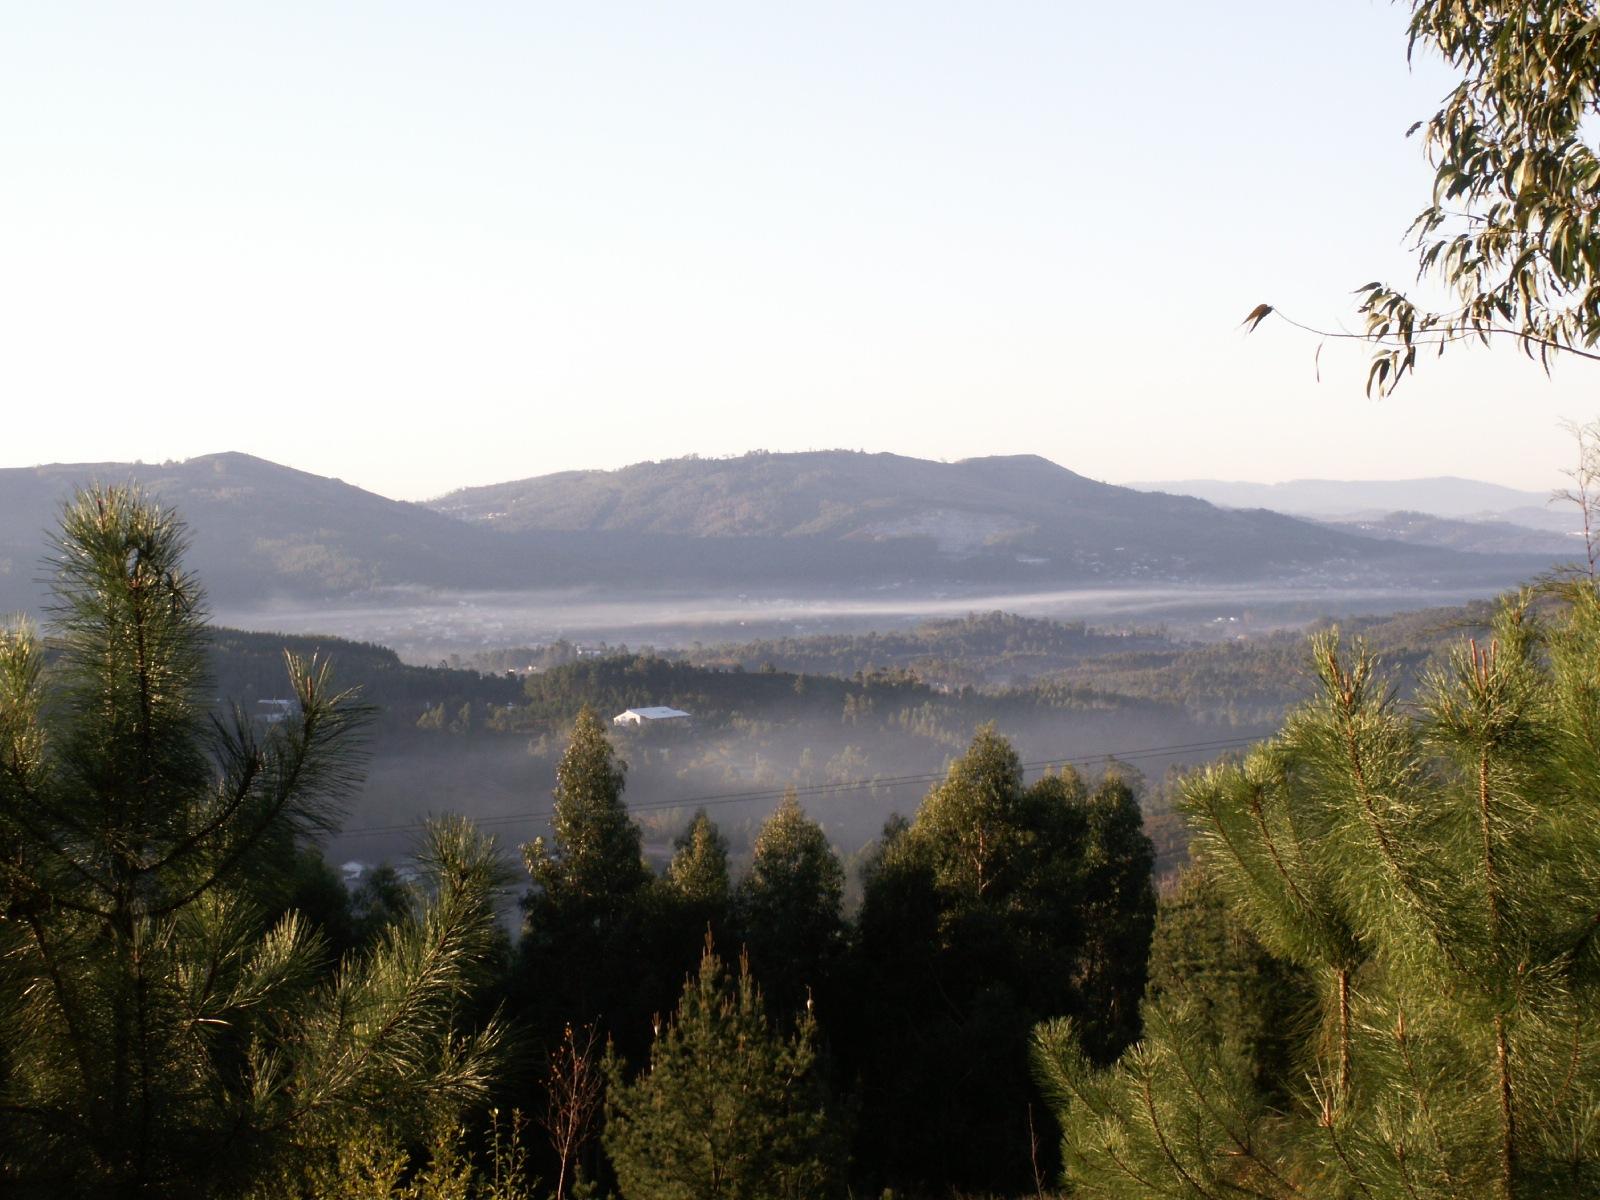 Morning mist by Carlos Rosa Ferreira